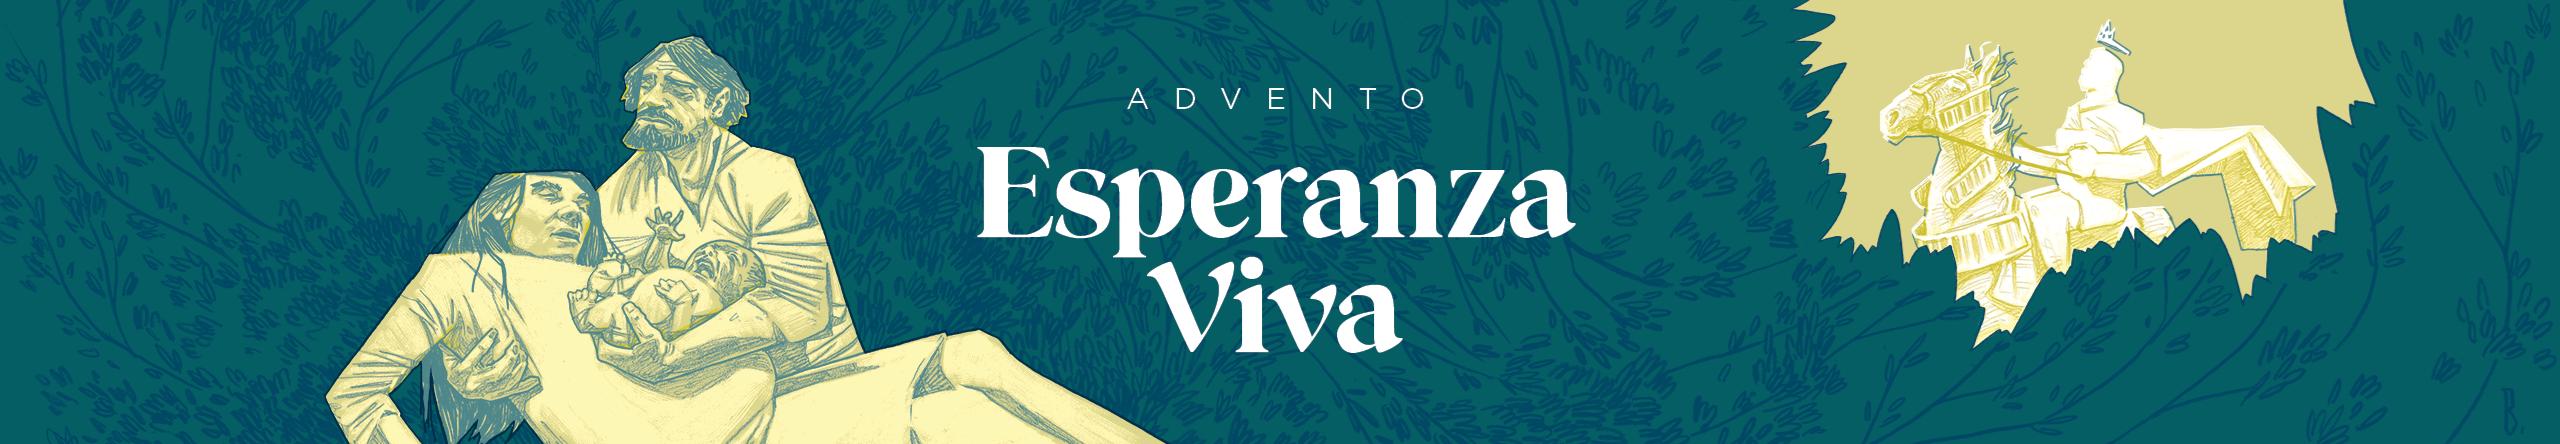 Advento: Esperanza Viva